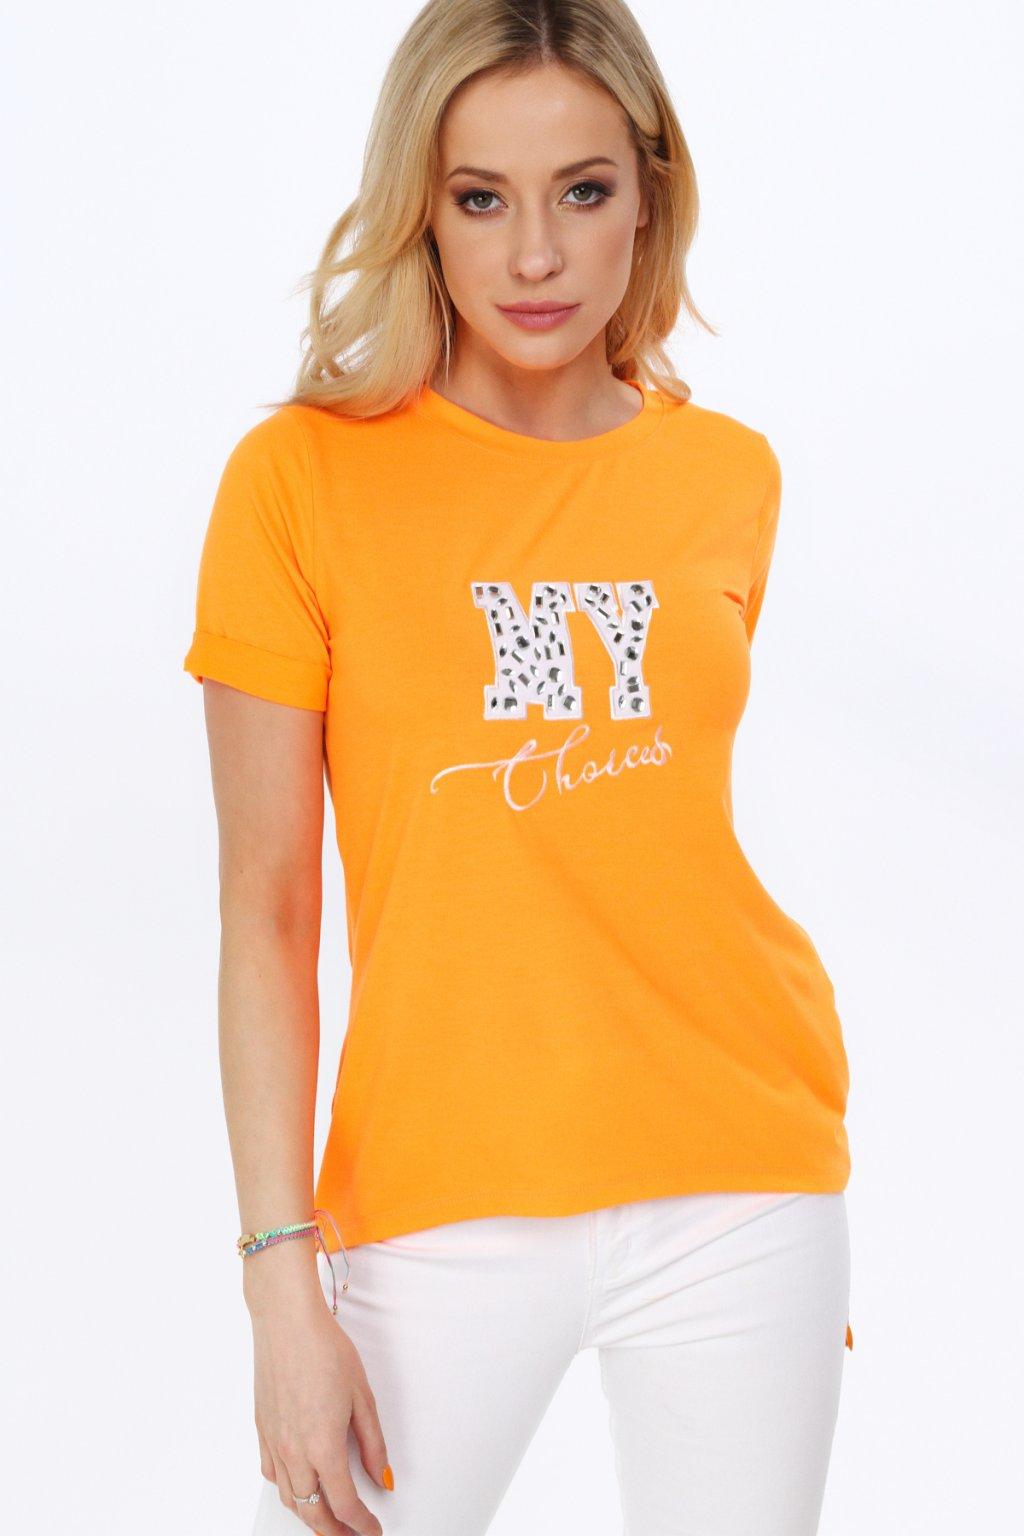 Sytě-oranžové triko s nápisem Fasardi